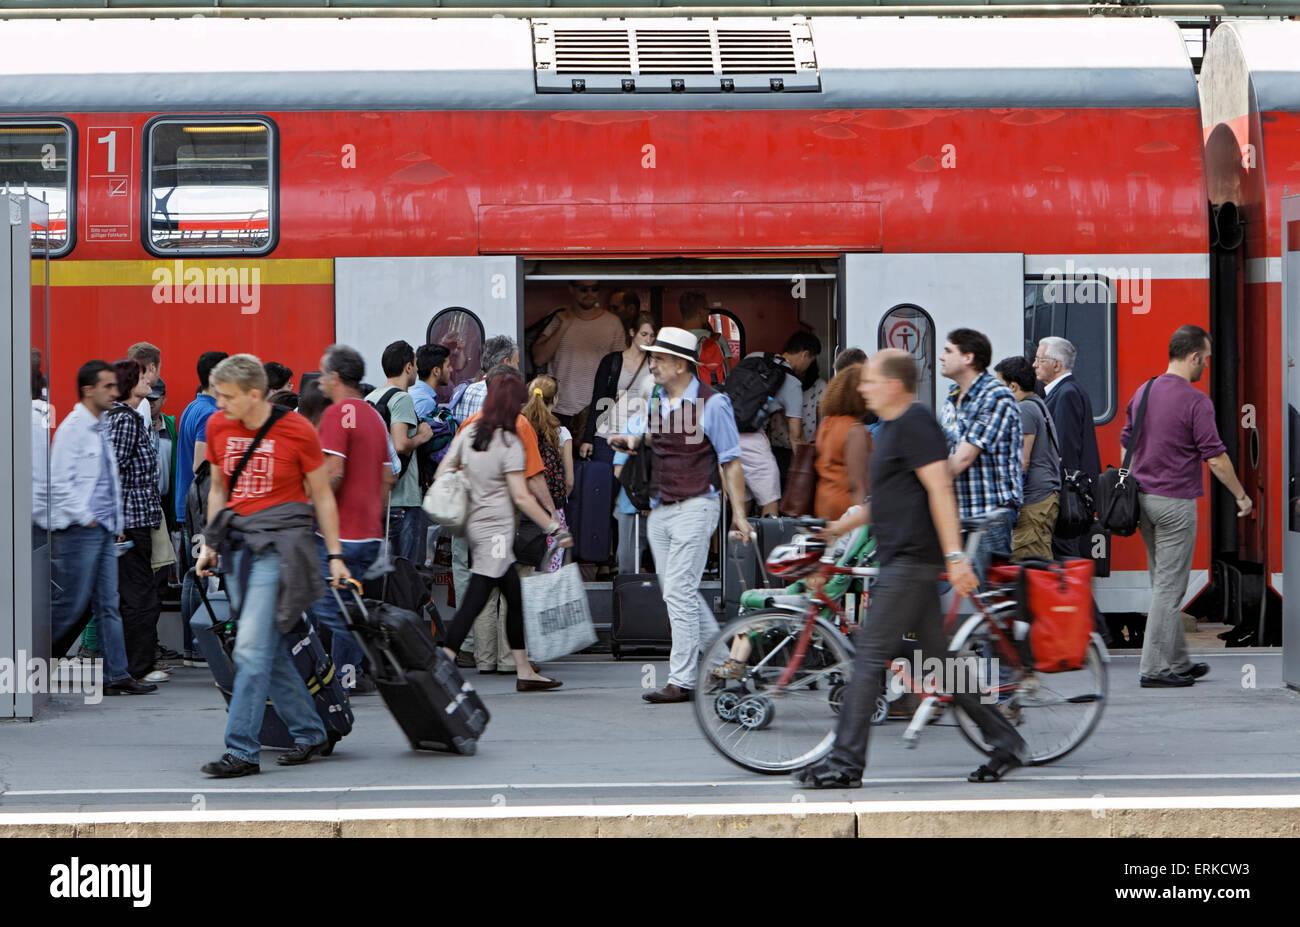 Menschenmenge vor einem Regionalzug am Hauptbahnhof Stuttgart, Stuttgart, Baden-Württemberg, Deutschland Stockbild